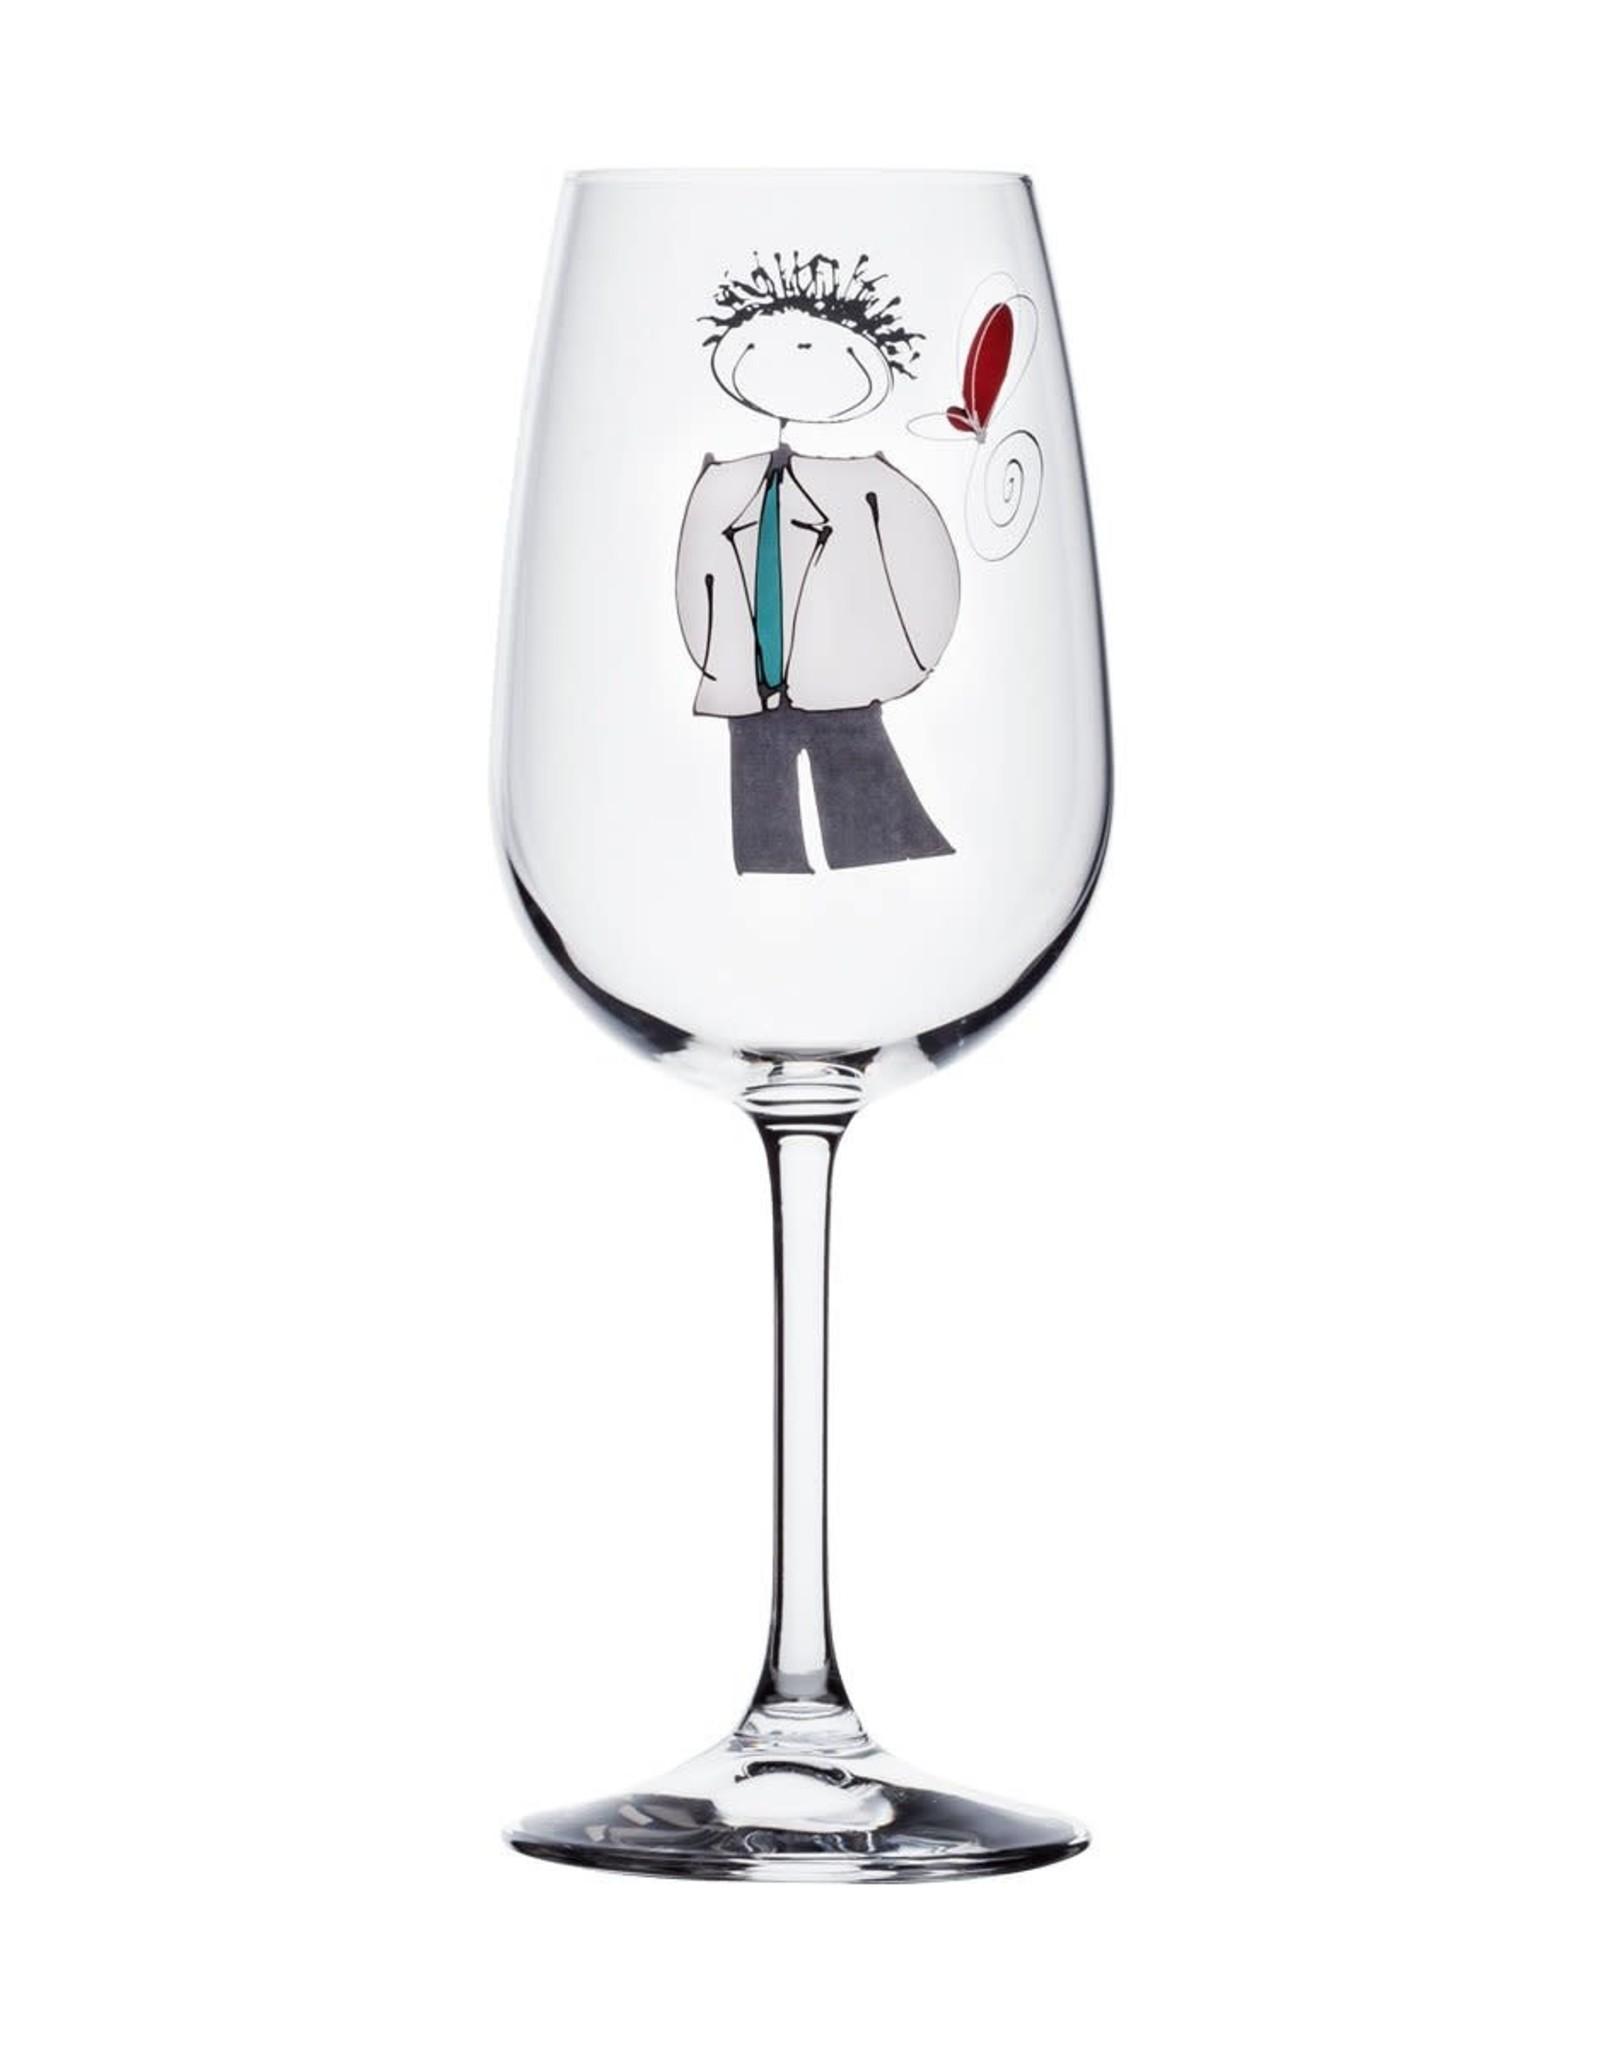 Bizzart & cie Verre à vin Garçon - Amis